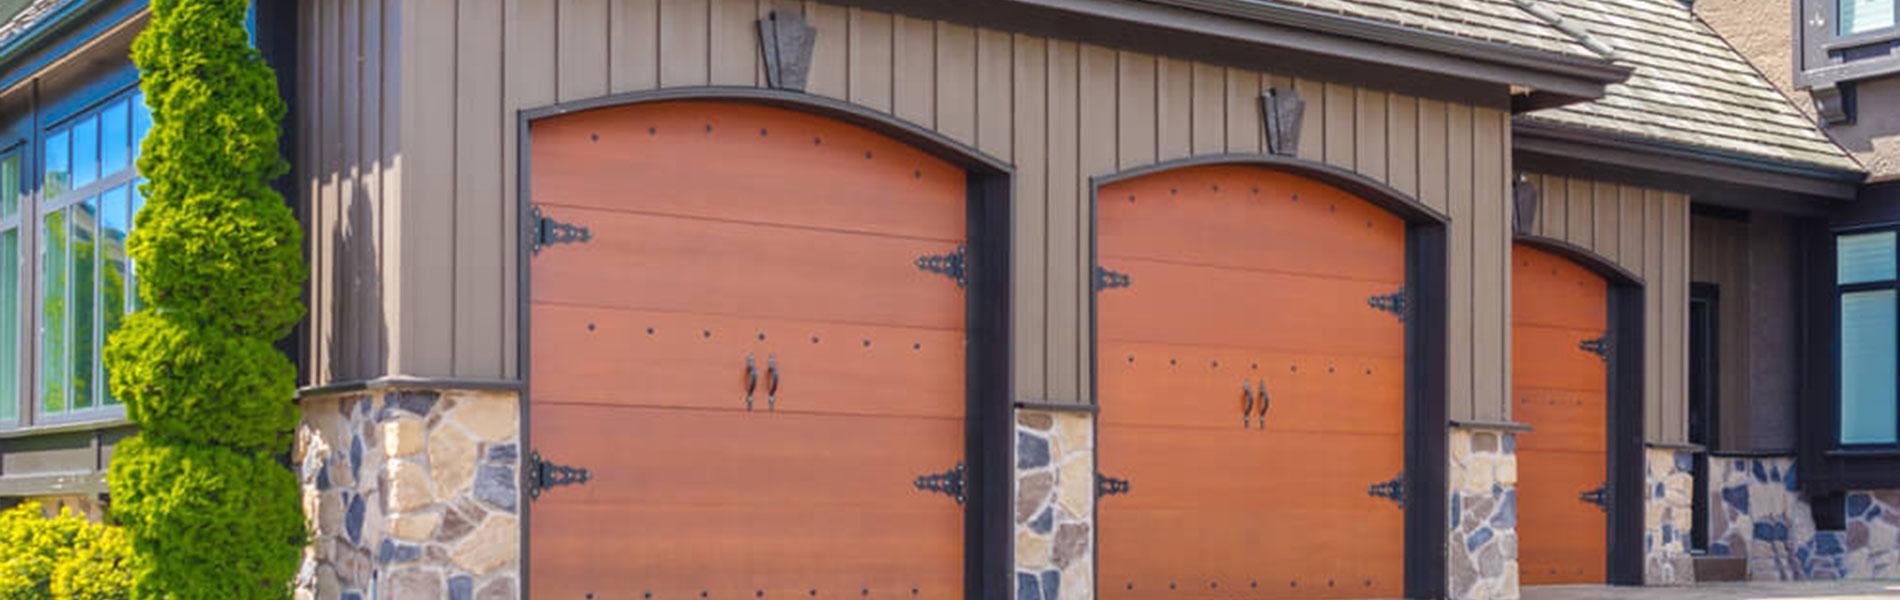 Neighborhood garage door service garage door roller for Garage door repair plymouth ma